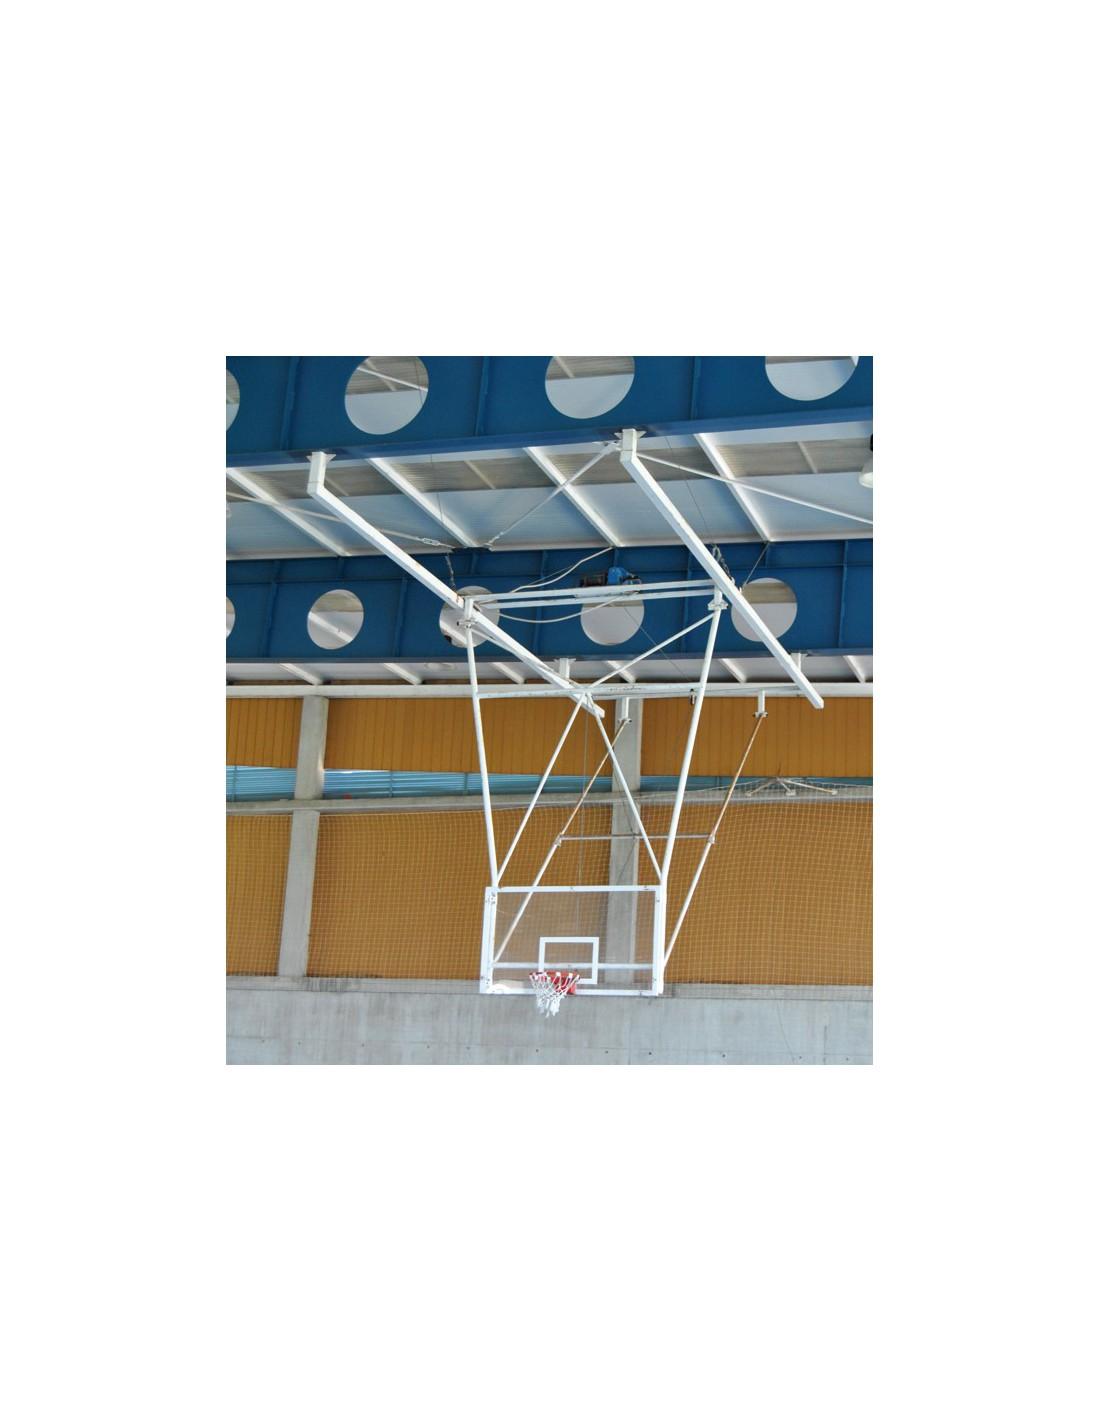 kit panier de basket r glable multitubulaire suspendu toit et rabatable. Black Bedroom Furniture Sets. Home Design Ideas